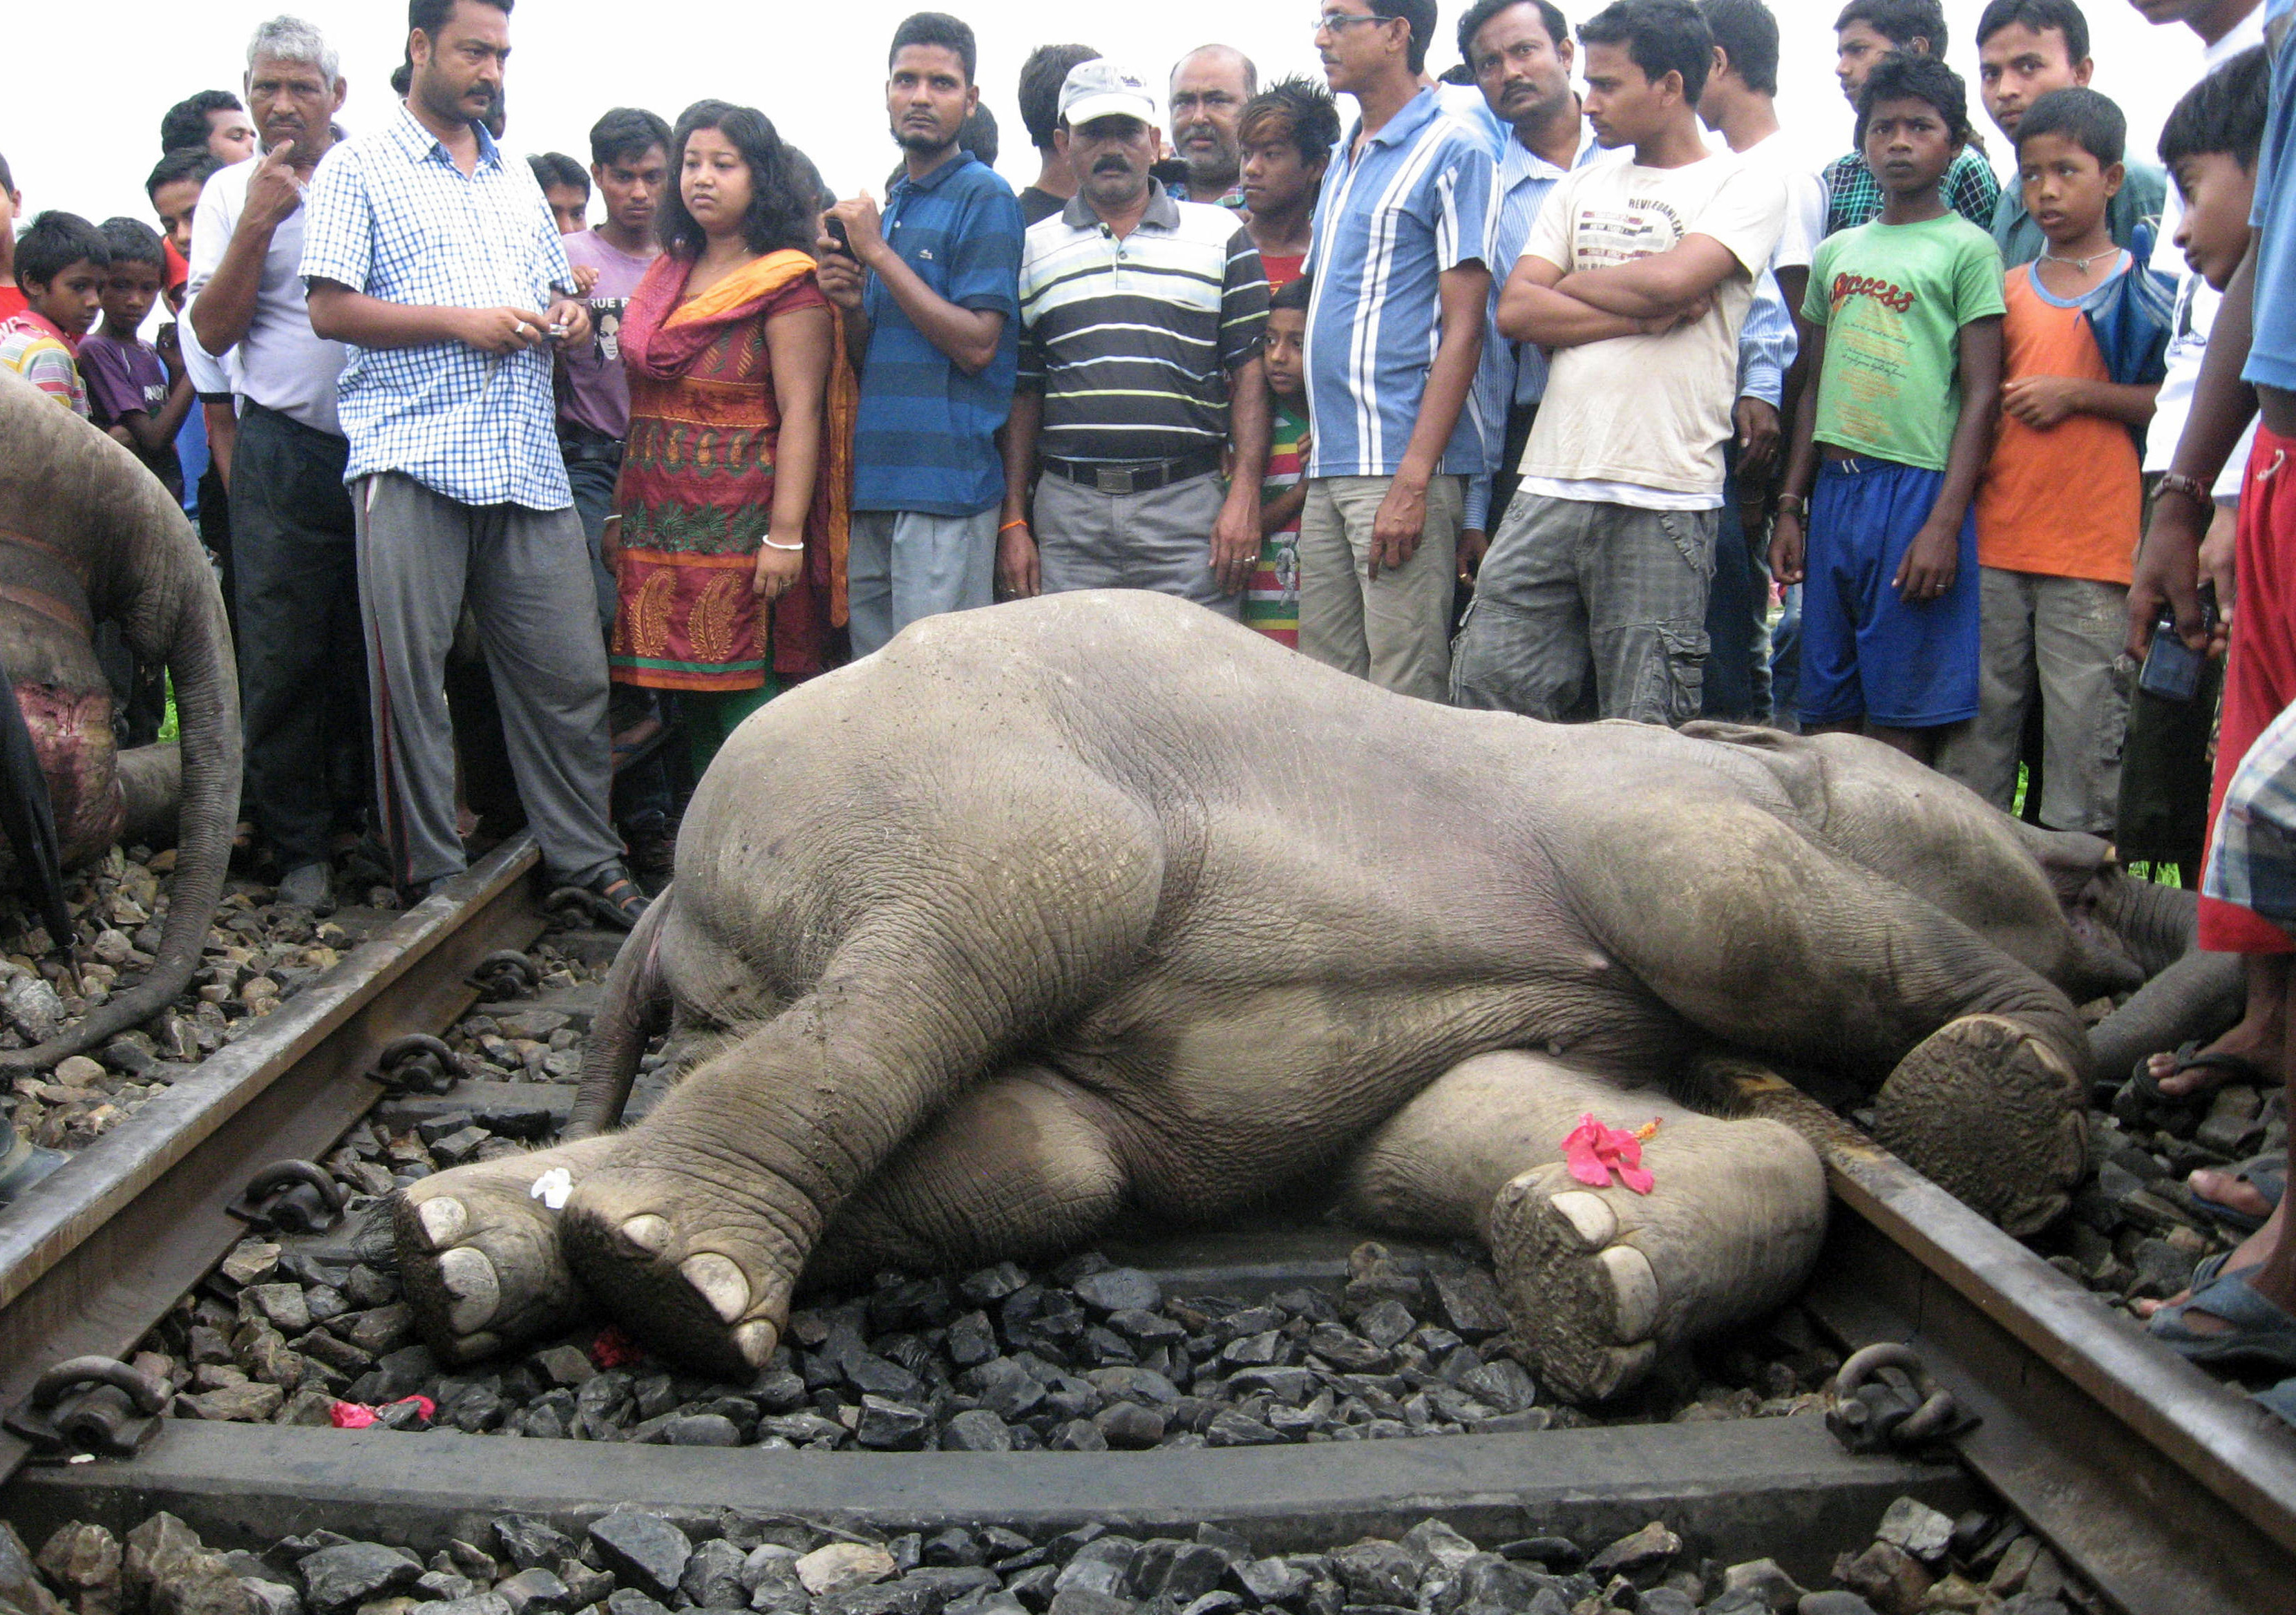 Une autoroute interdite la nuit pour protéger les animaux, en Inde